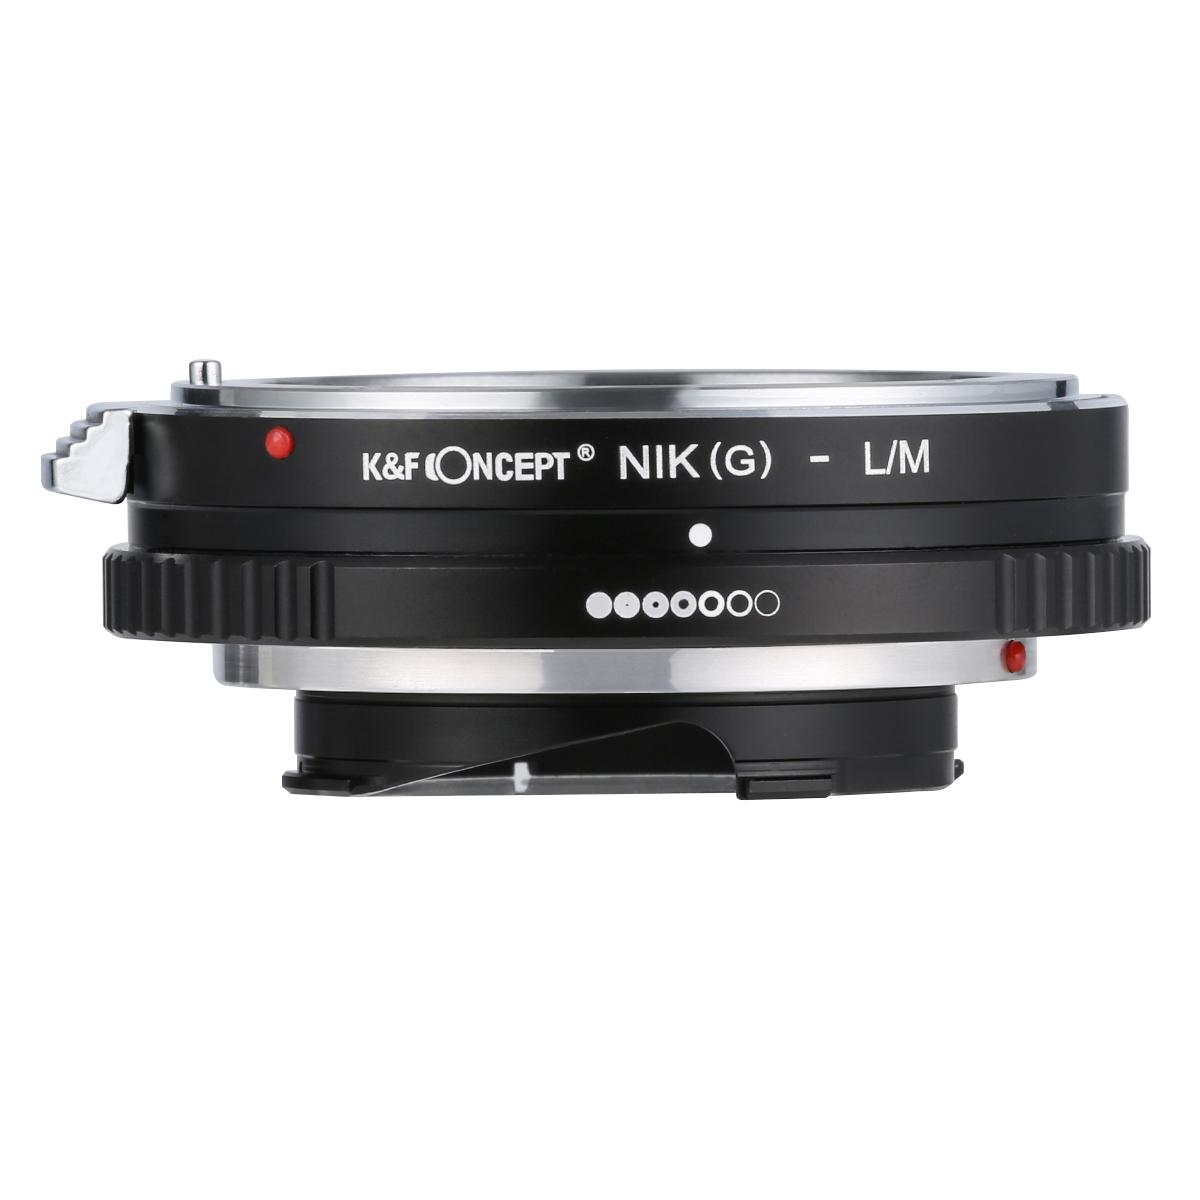 K&F M18151 Adaptador de montagem de lente Nikon G/F/AI/AIS/D para Leica M